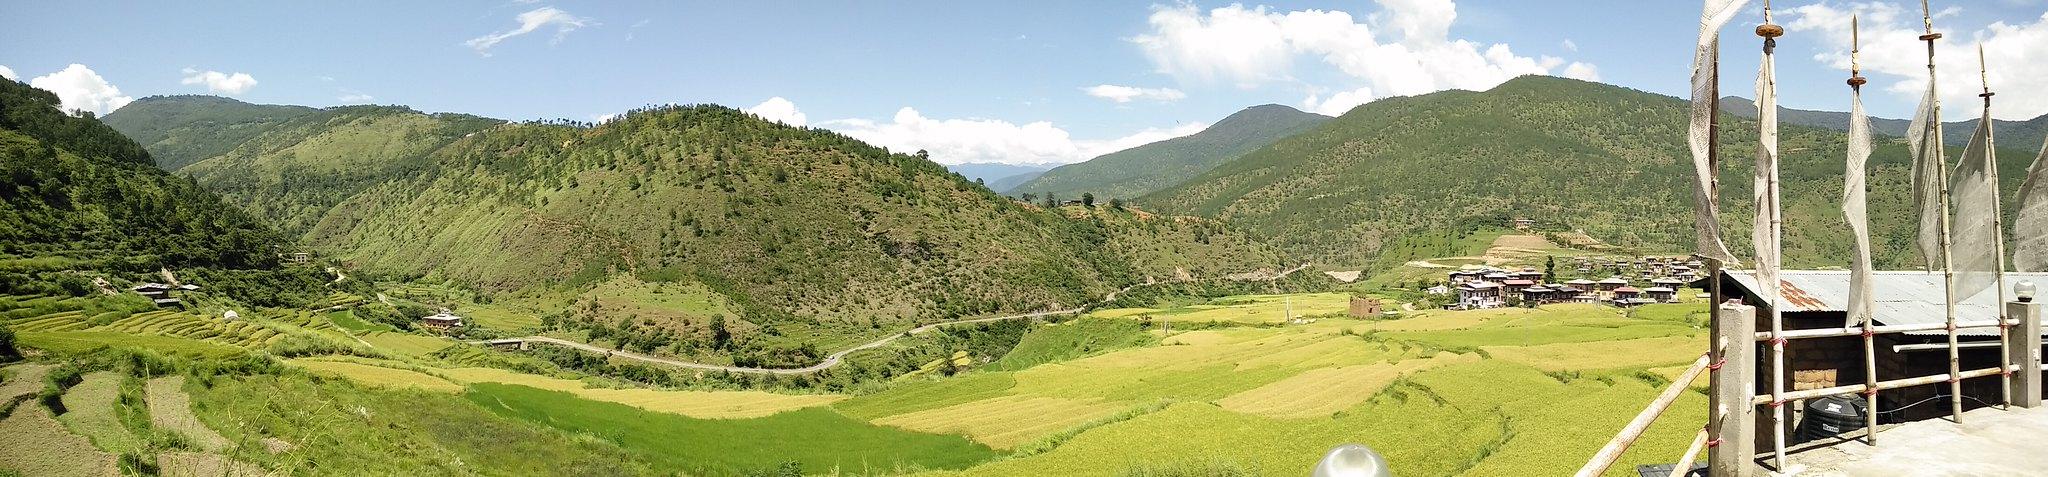 10 dieu ve bhutan trip (10)